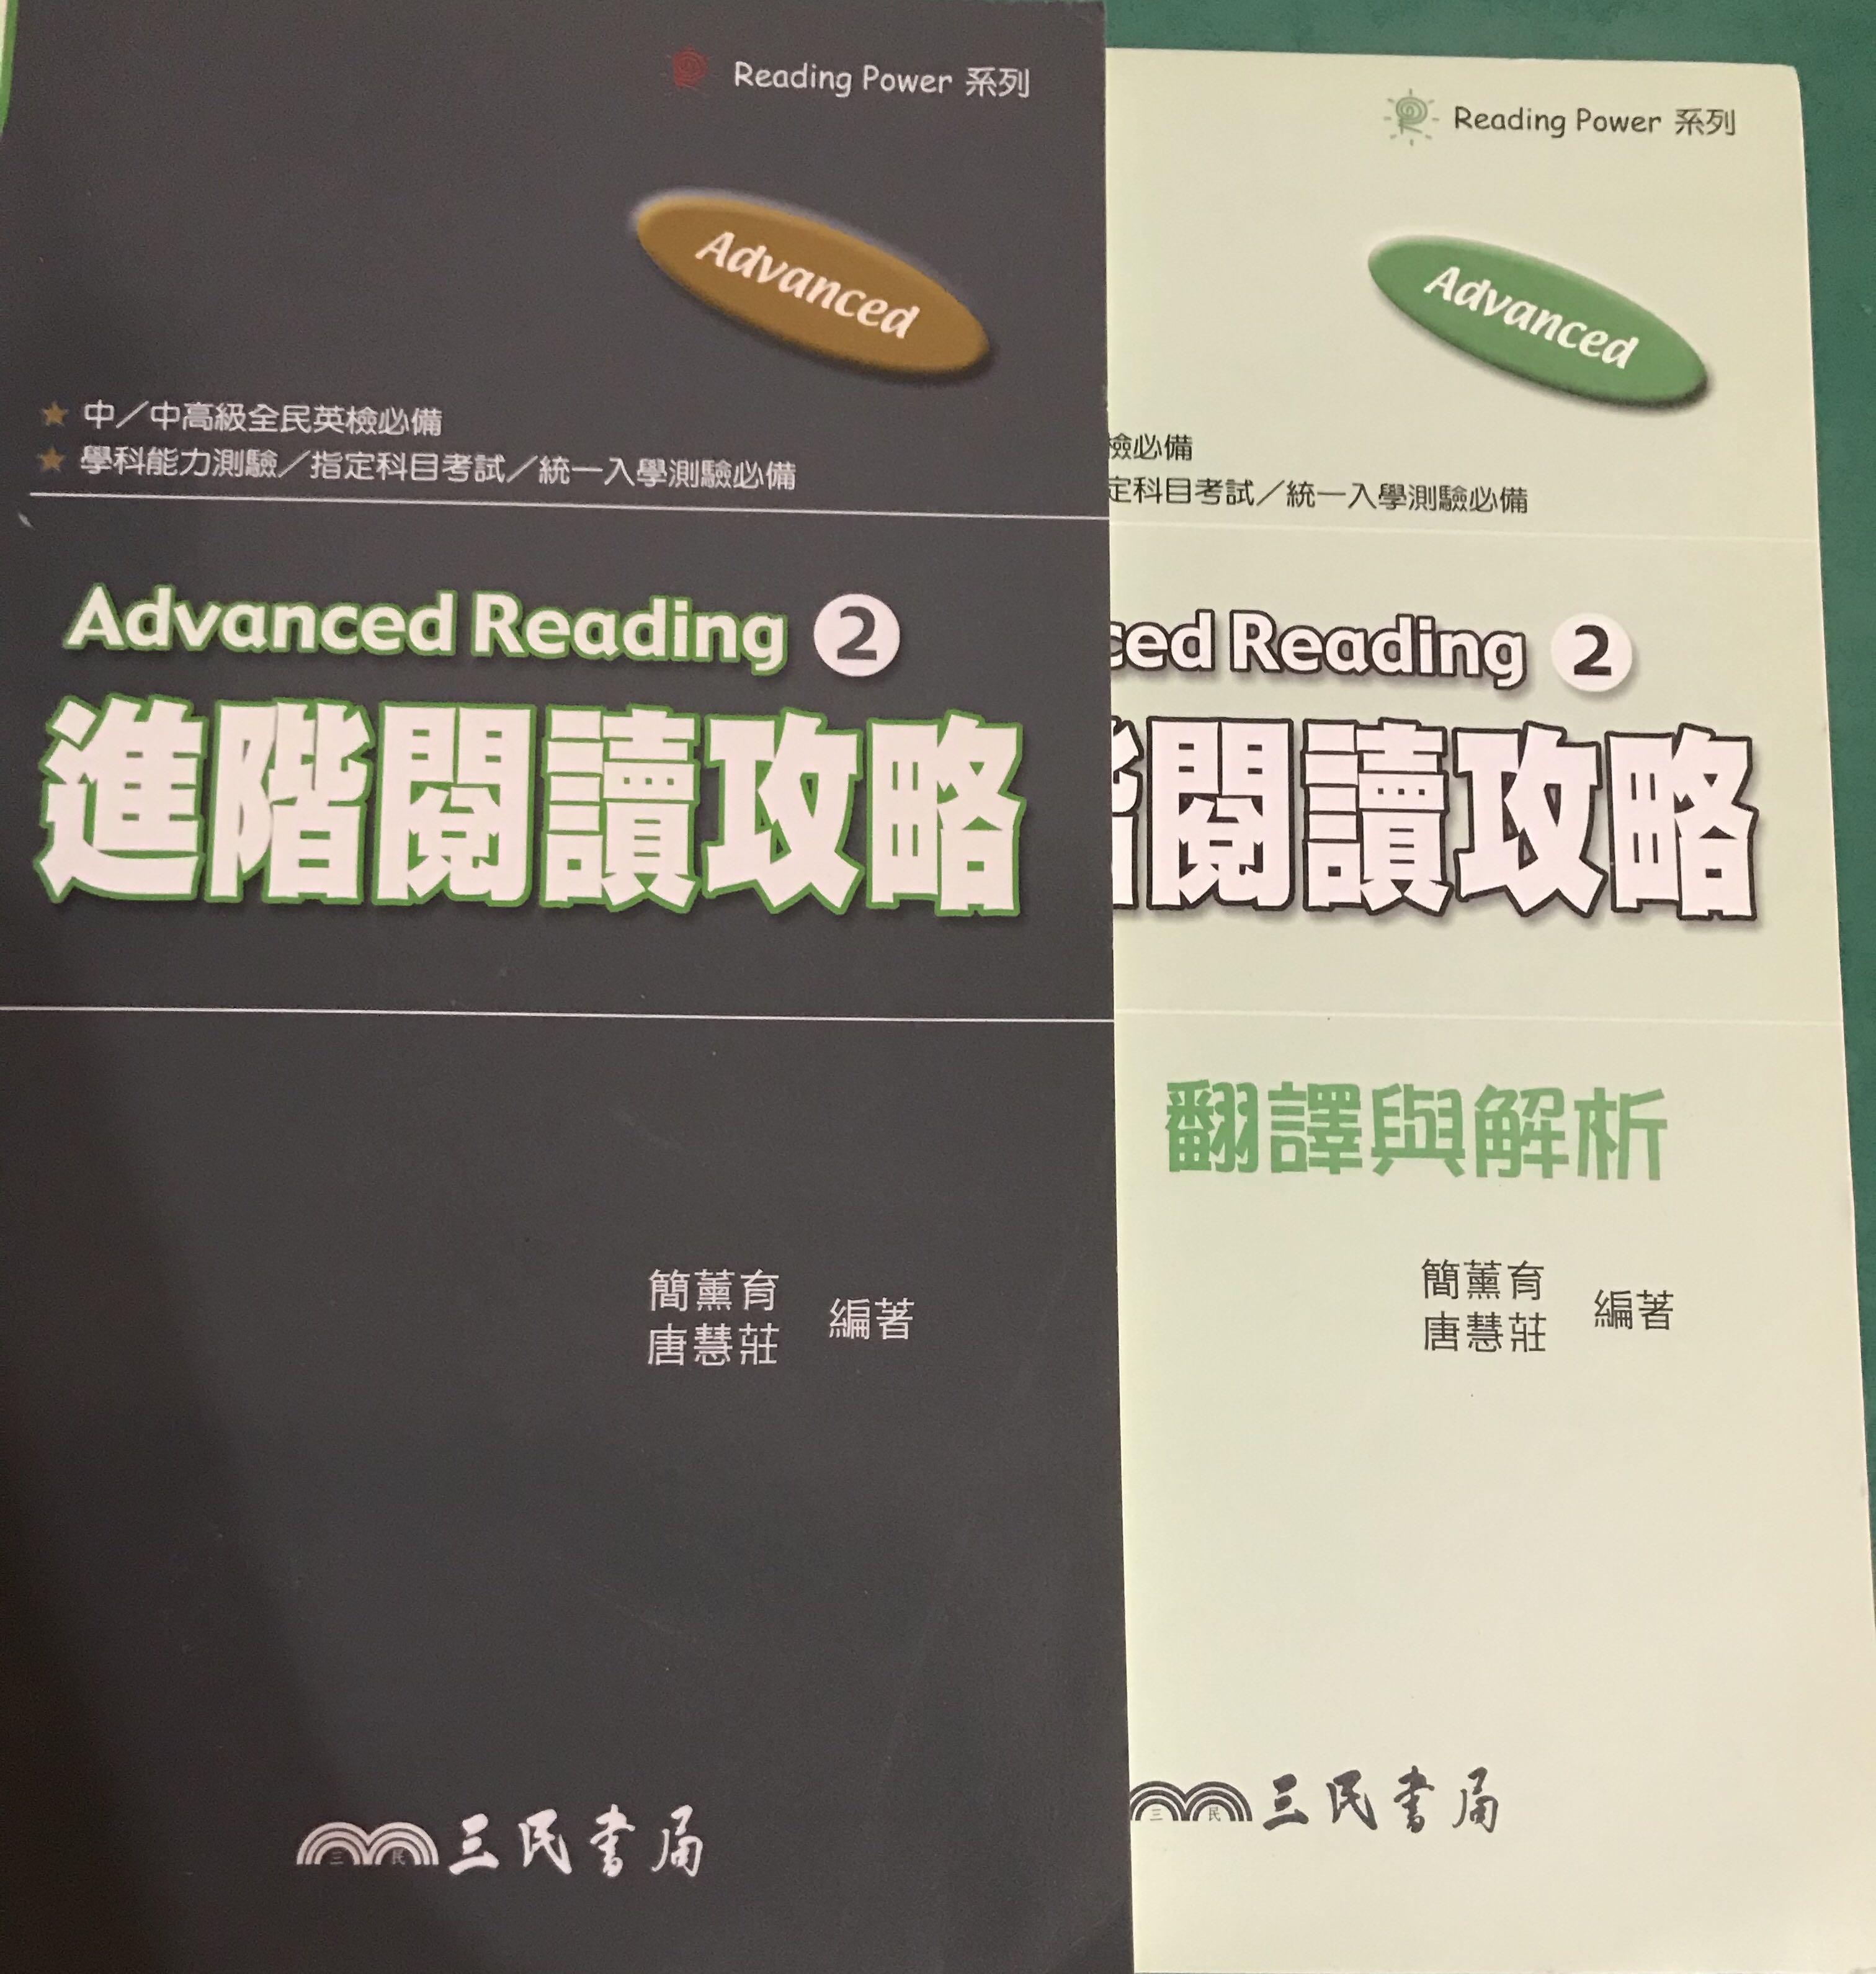 進階閱讀攻略2-附解析本